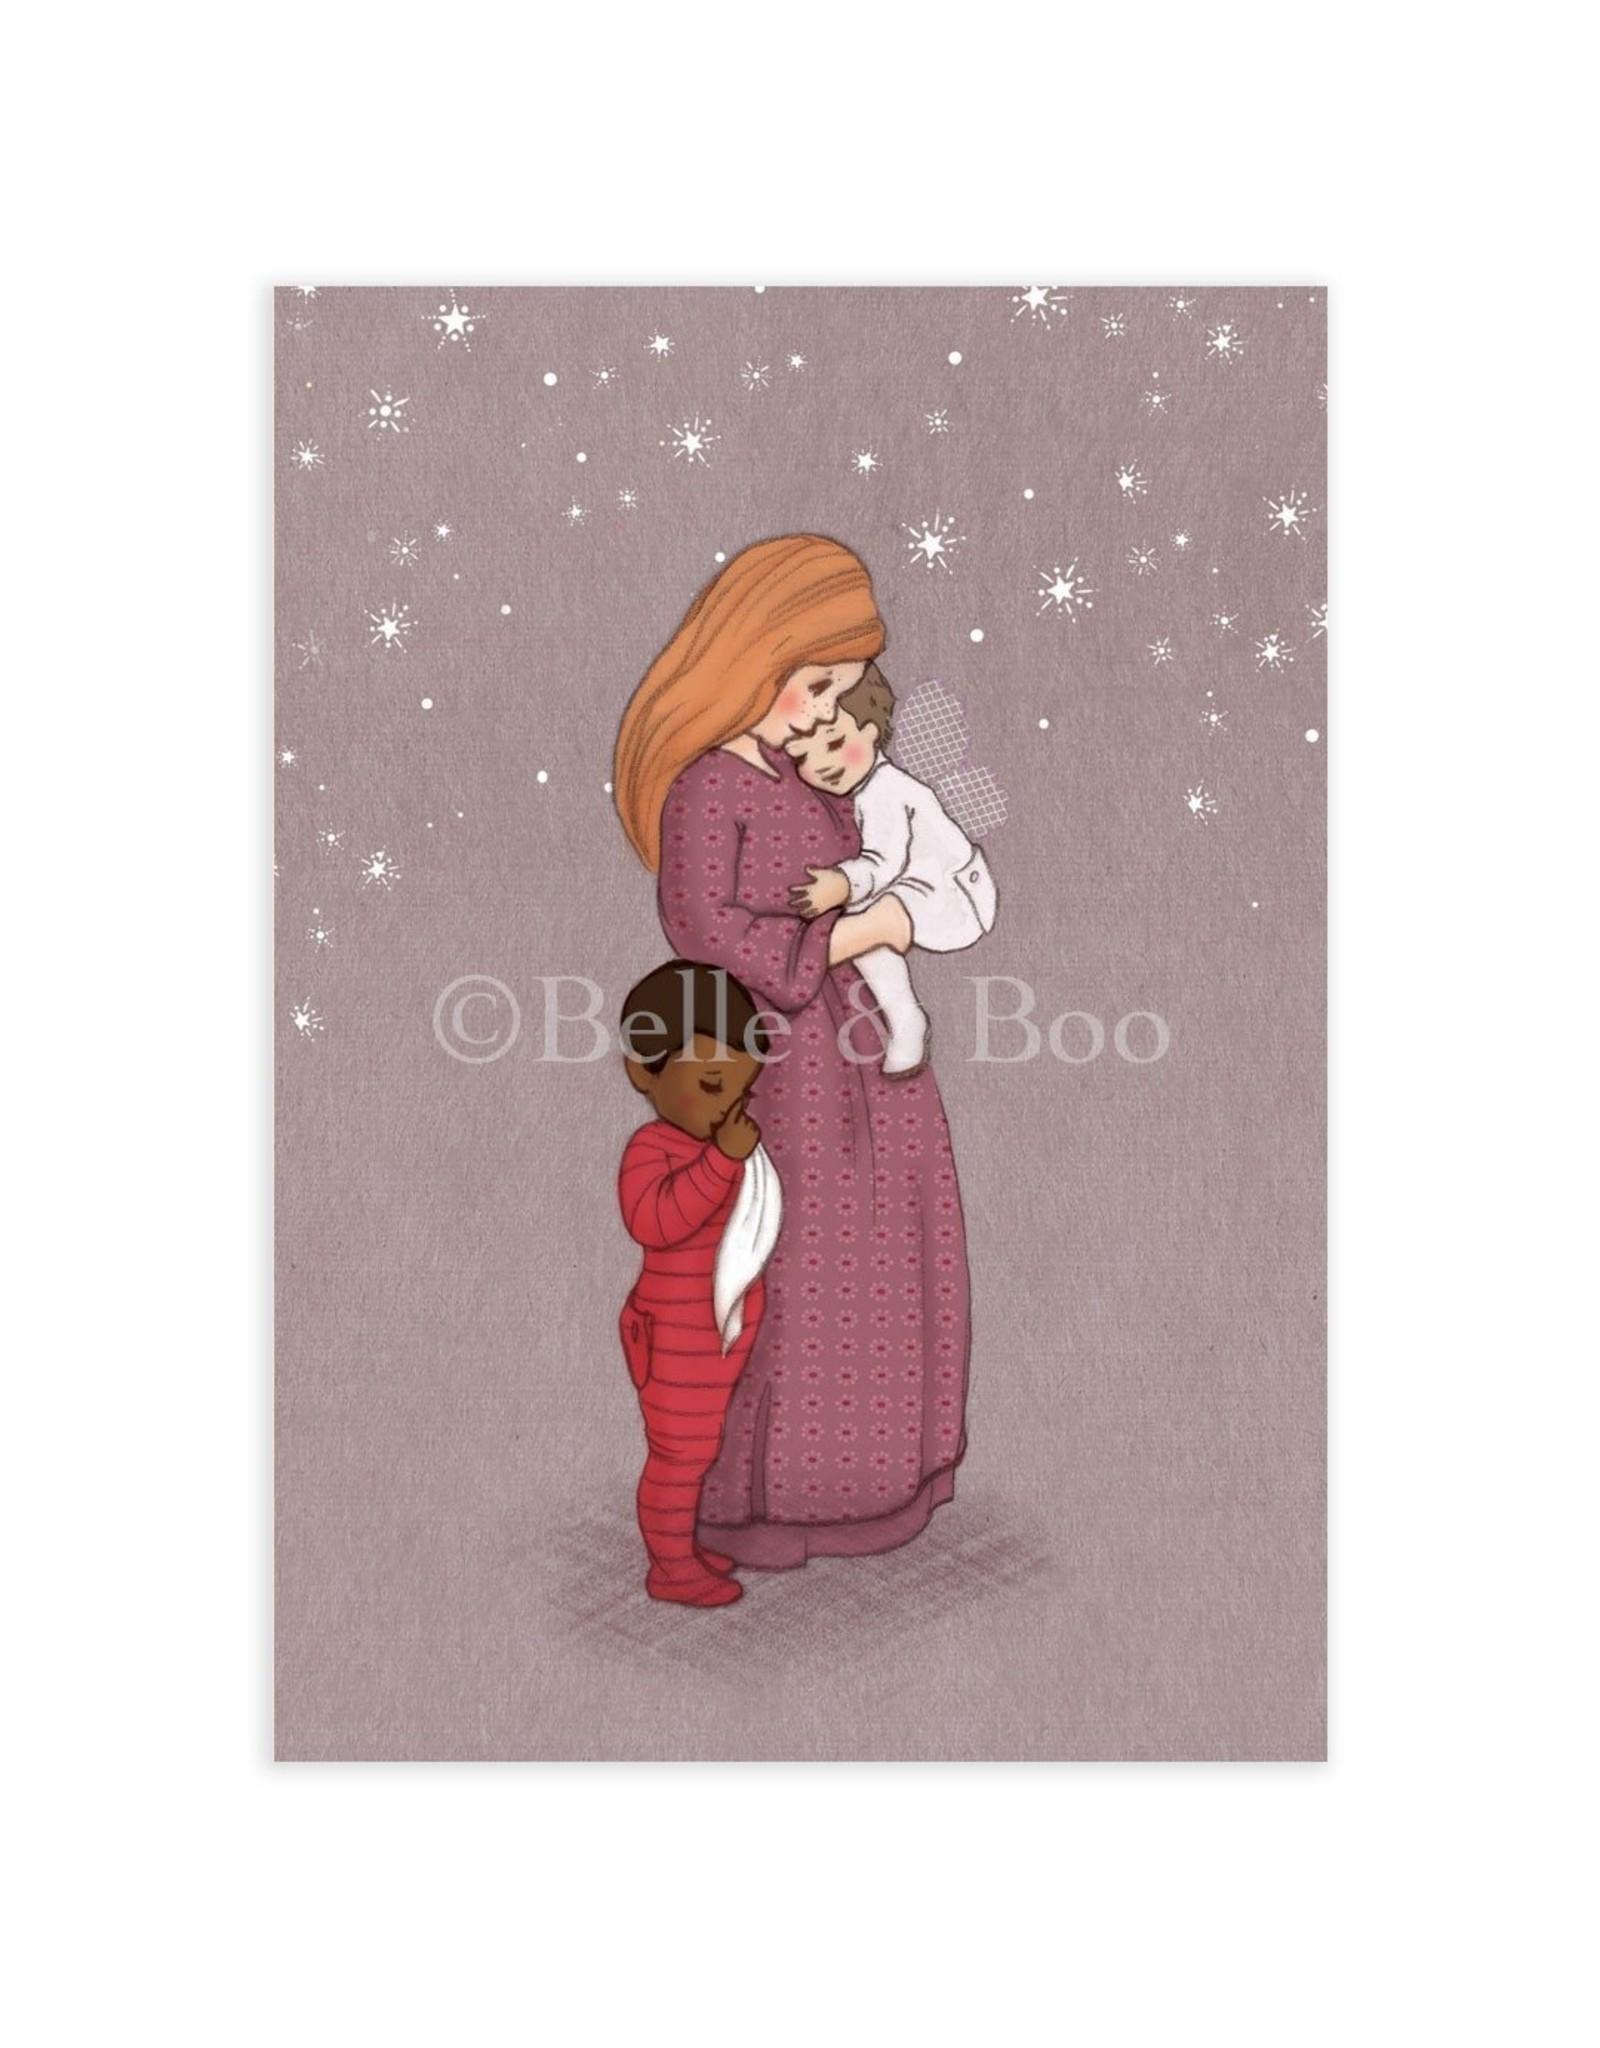 Belle & Boo kaart - slaap zacht